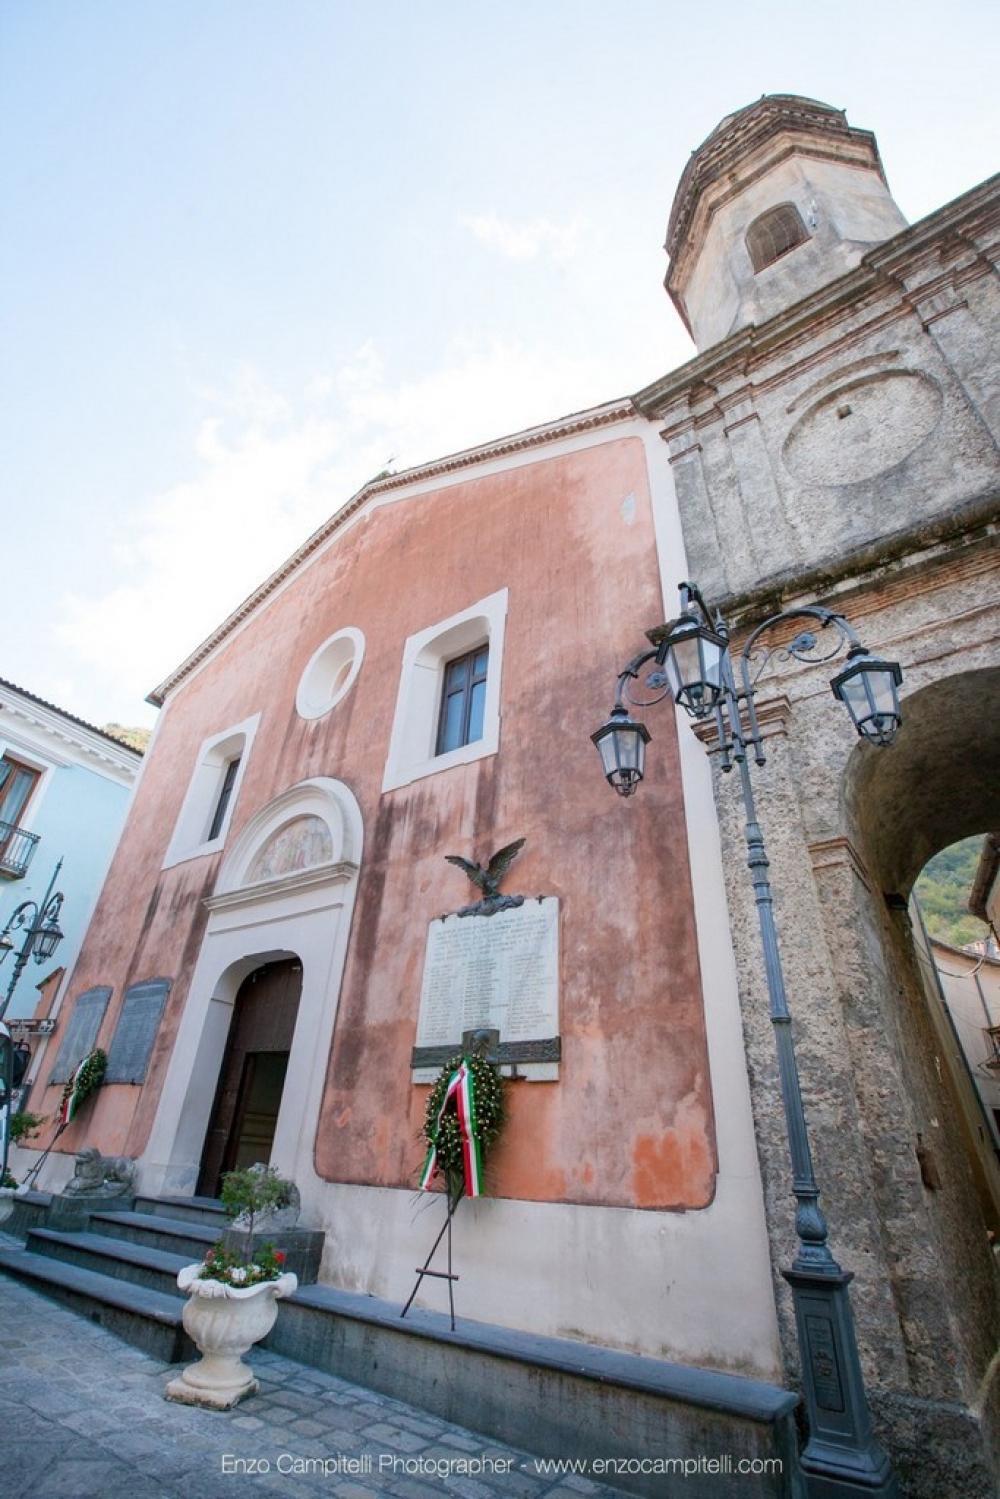 Chiesa Annunziata Church